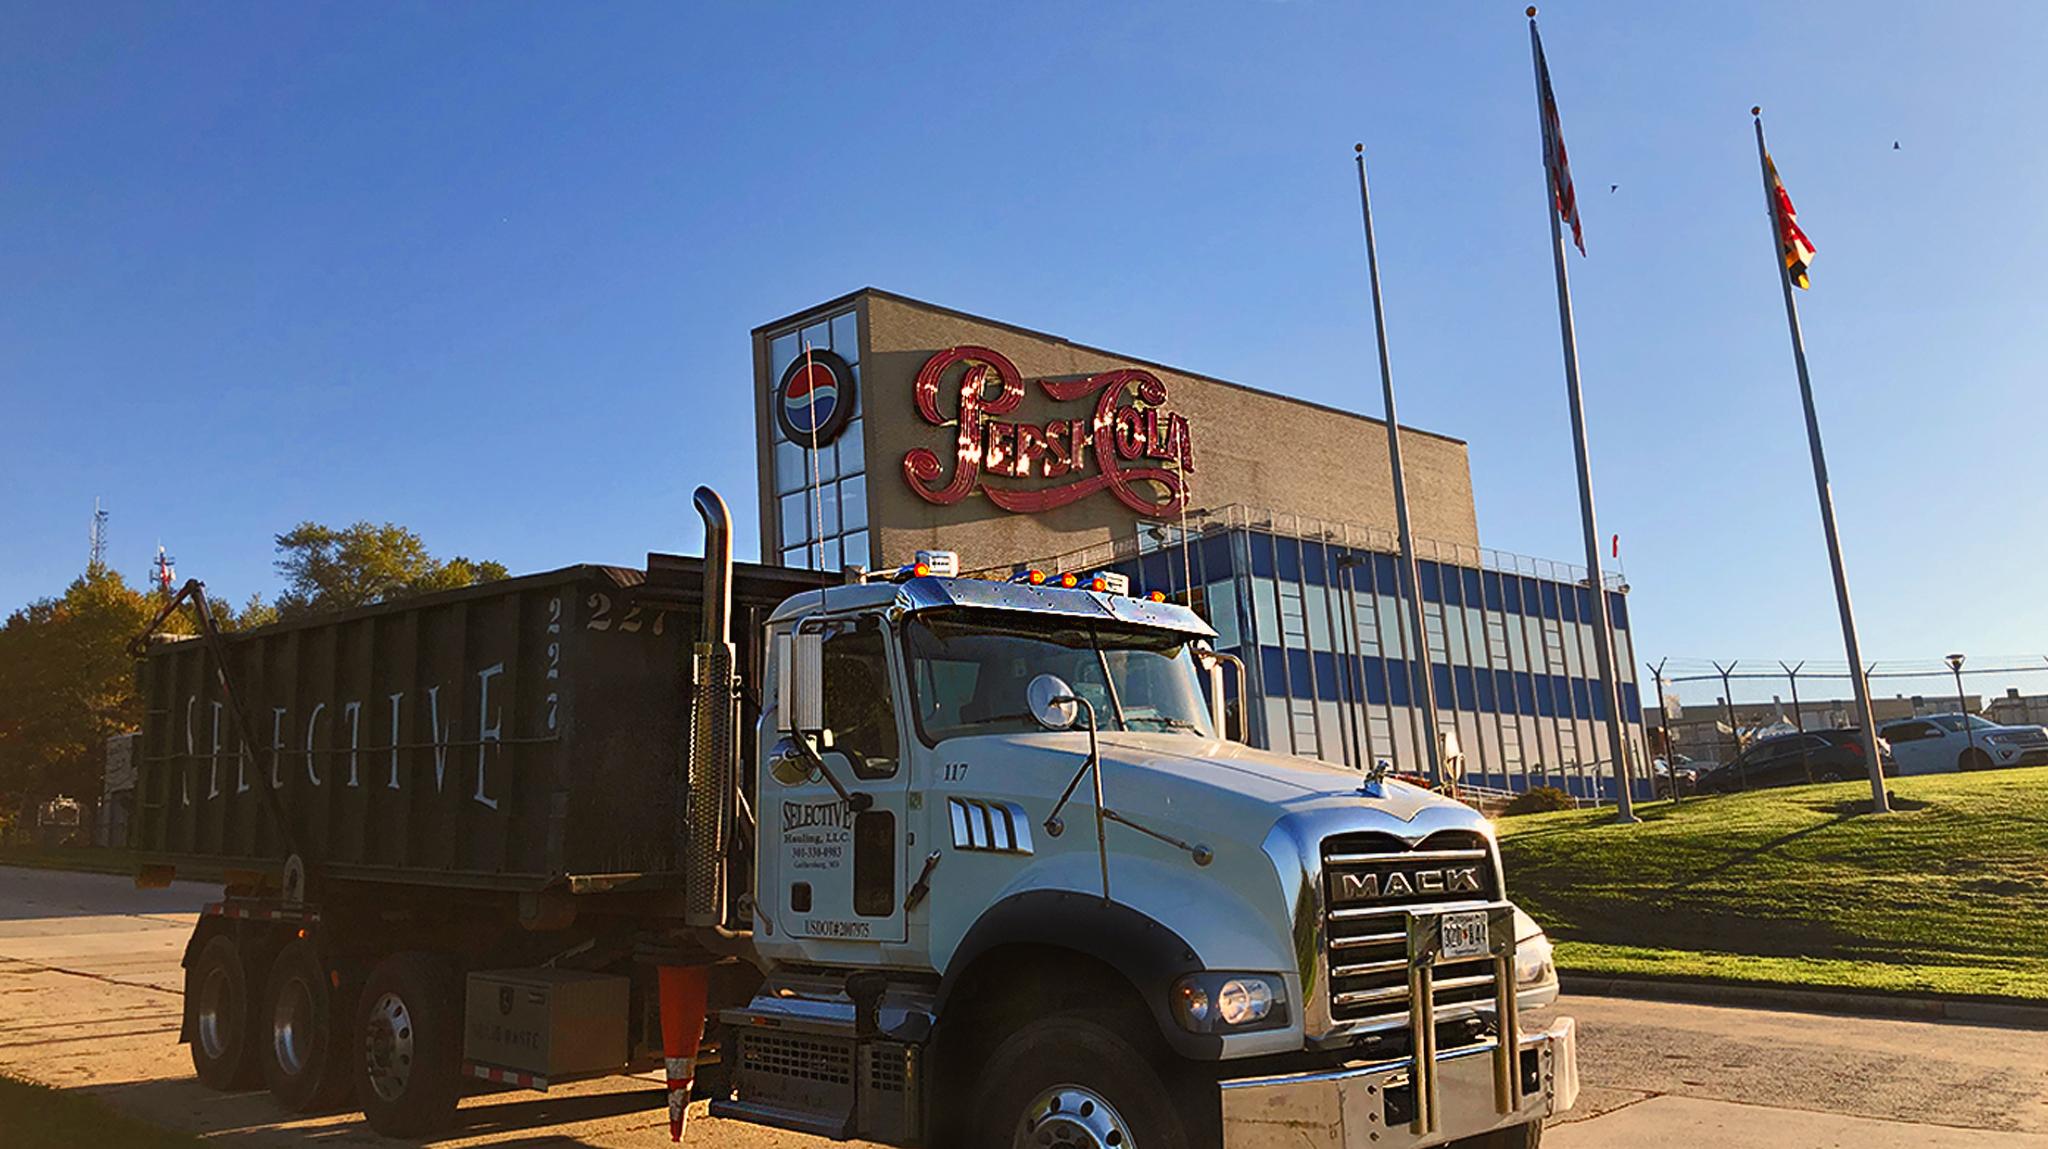 Roll off dumpster rental Manassas Virginia - Dumpster Rental Manassas Virginia